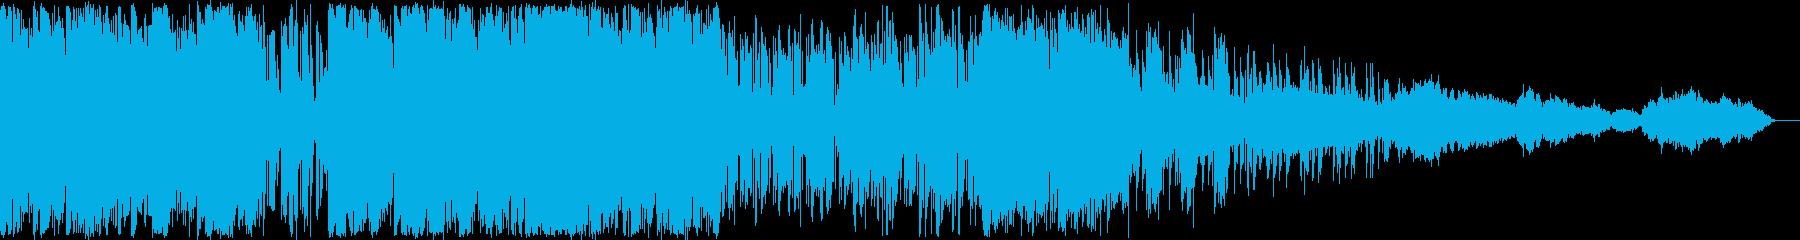 BGM_サイバーバトルの再生済みの波形